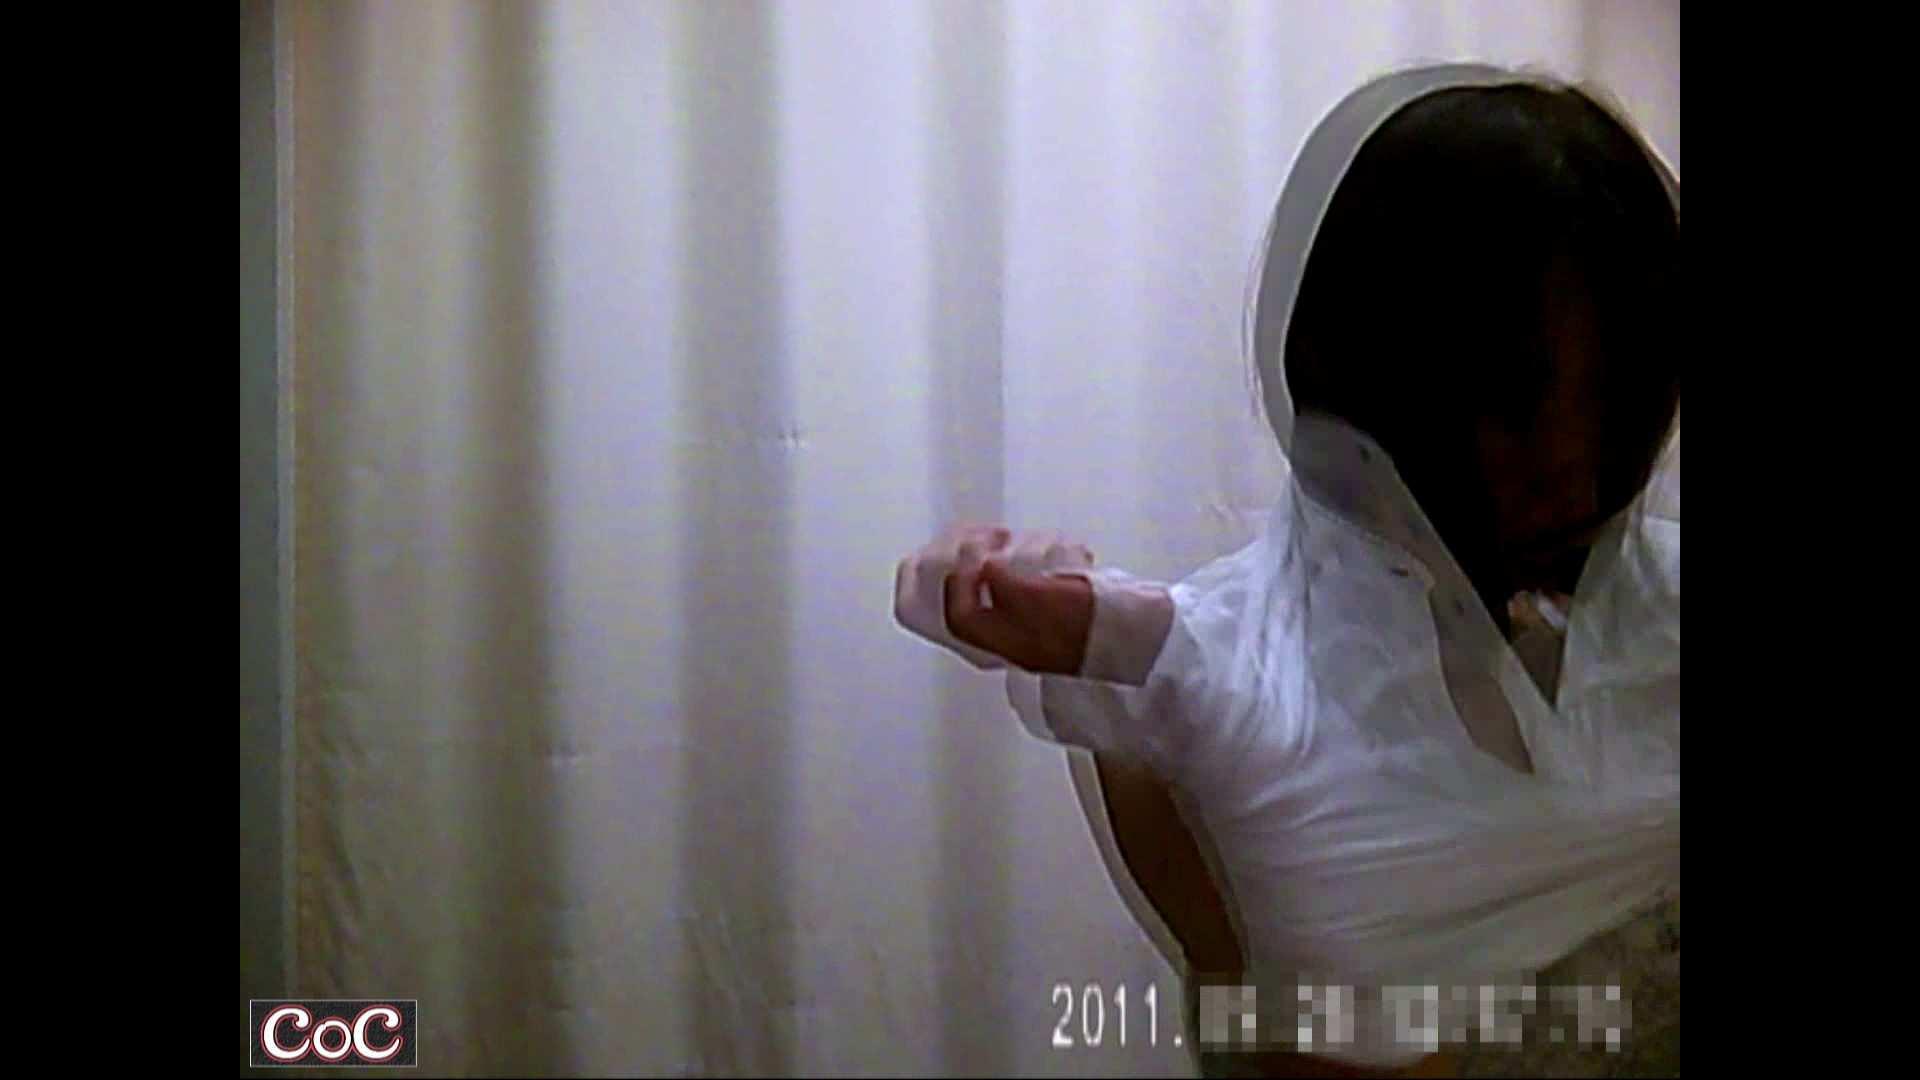 病院おもいっきり着替え! vol.41 巨乳 オマンコ動画キャプチャ 104pic 68